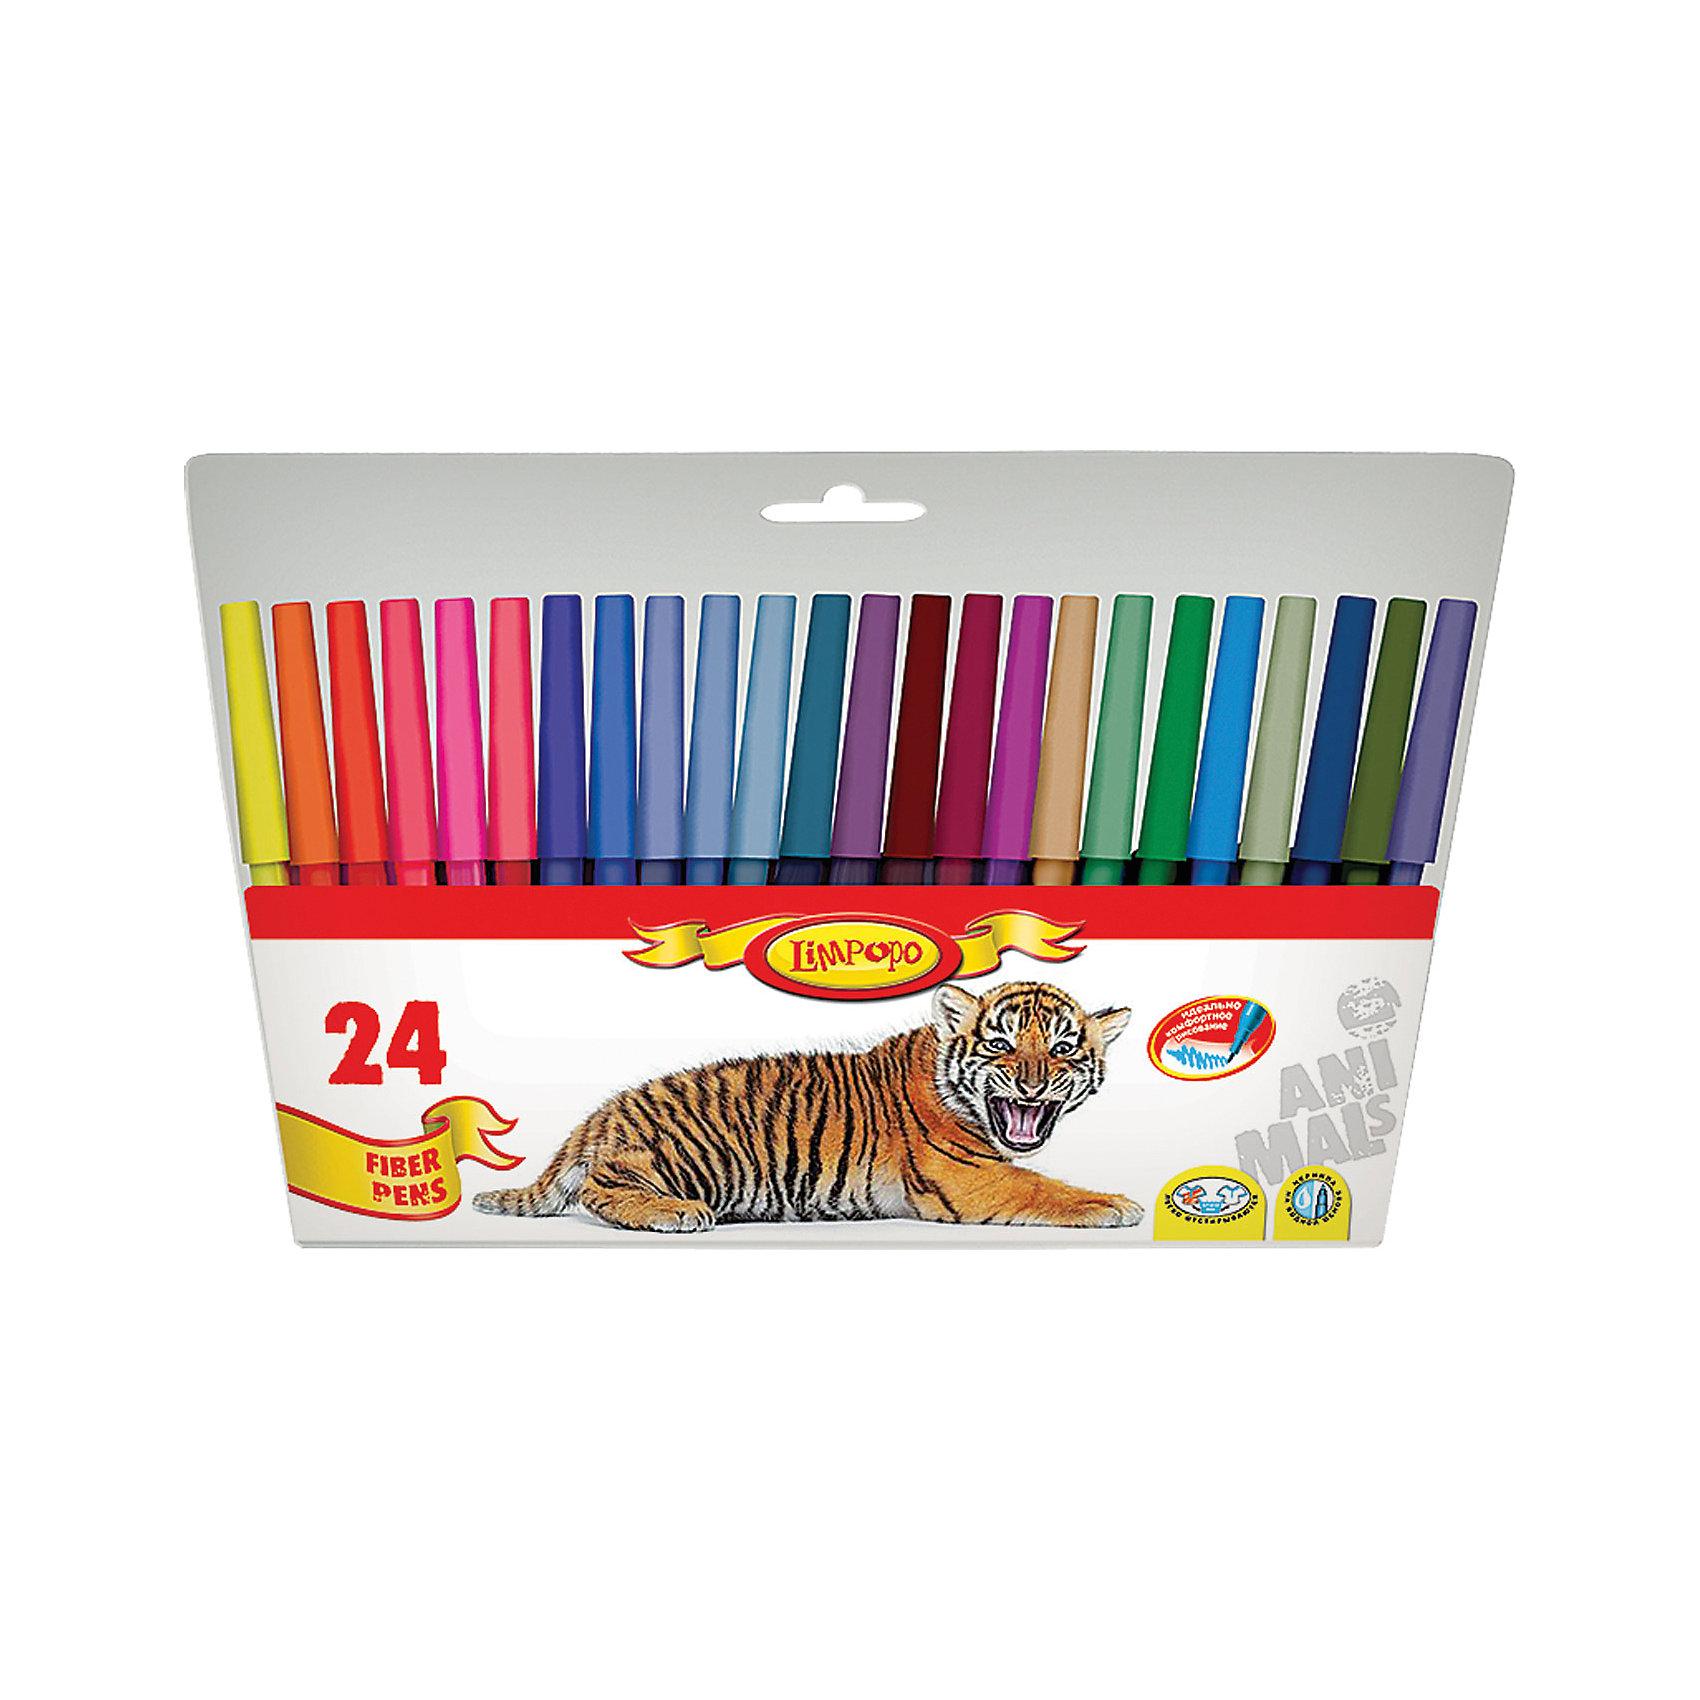 Фломастеры Хищники 24 цветаПисьменные принадлежности<br>Фломастеры Хищники 24 цвета, Limpopo (Лимпопо)<br><br>Характеристики:<br><br>• безопасные чернила<br>• яркие цвета<br>• вентилируемый колпачок<br>• привлекательный дизайн упаковки для любителей животных<br>• в комплекте: 24 фломастера<br>• размер упаковки: 15х1х23 см<br>• вес: 112 грамм<br><br>Каждый ребенок любит рисовать фломастерами, ведь они очень яркие и удобные. Набор фломастеров Хищники создан специально для поклонников животных. В комплект входят 24 фломастера ярких цветов. Чернила экологические и безопасные для ребенка. Вентилируемый колпачок препятствует быстрому высыханию. С этим набором у малыша получатся самые красивые рисунки!<br><br>Фломастеры Хищники 24 цвета, Limpopo (Лимпопо) вы можете купить в нашем интернет-магазине.<br><br>Ширина мм: 230<br>Глубина мм: 10<br>Высота мм: 150<br>Вес г: 112<br>Возраст от месяцев: 48<br>Возраст до месяцев: 144<br>Пол: Унисекс<br>Возраст: Детский<br>SKU: 5390292